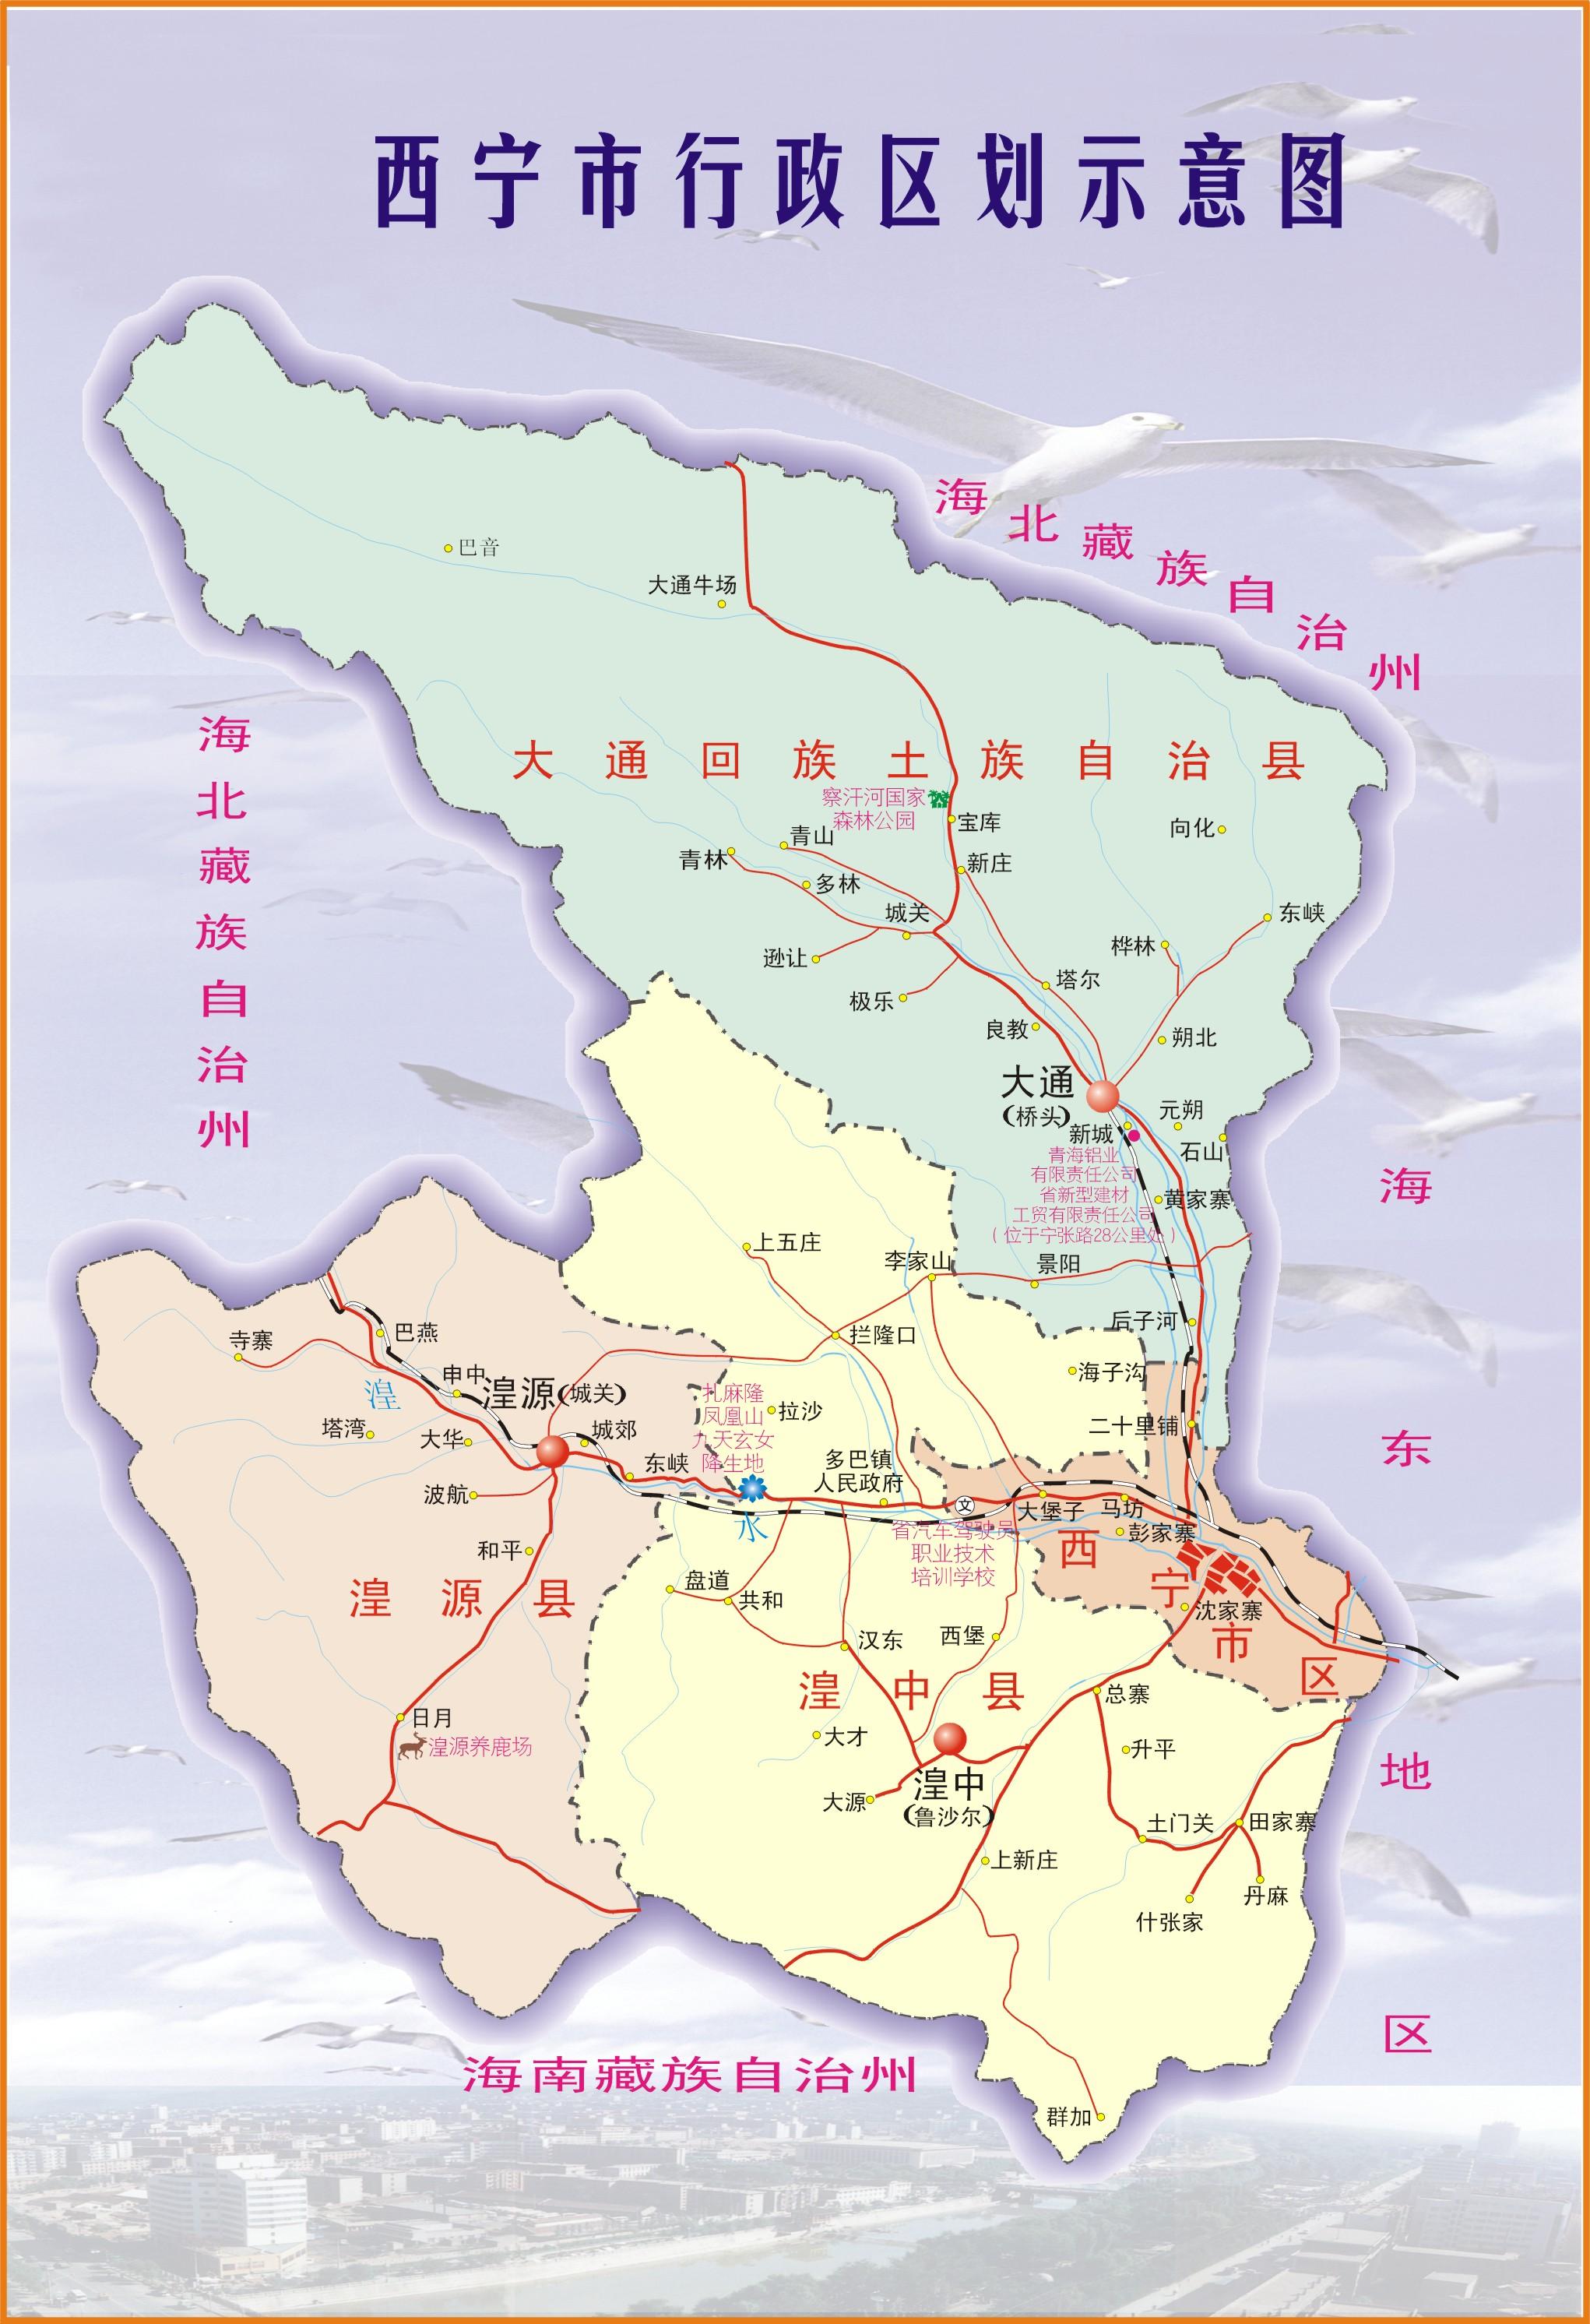 西宁市是青海省省会,为青藏高原唯一百万人口城市.